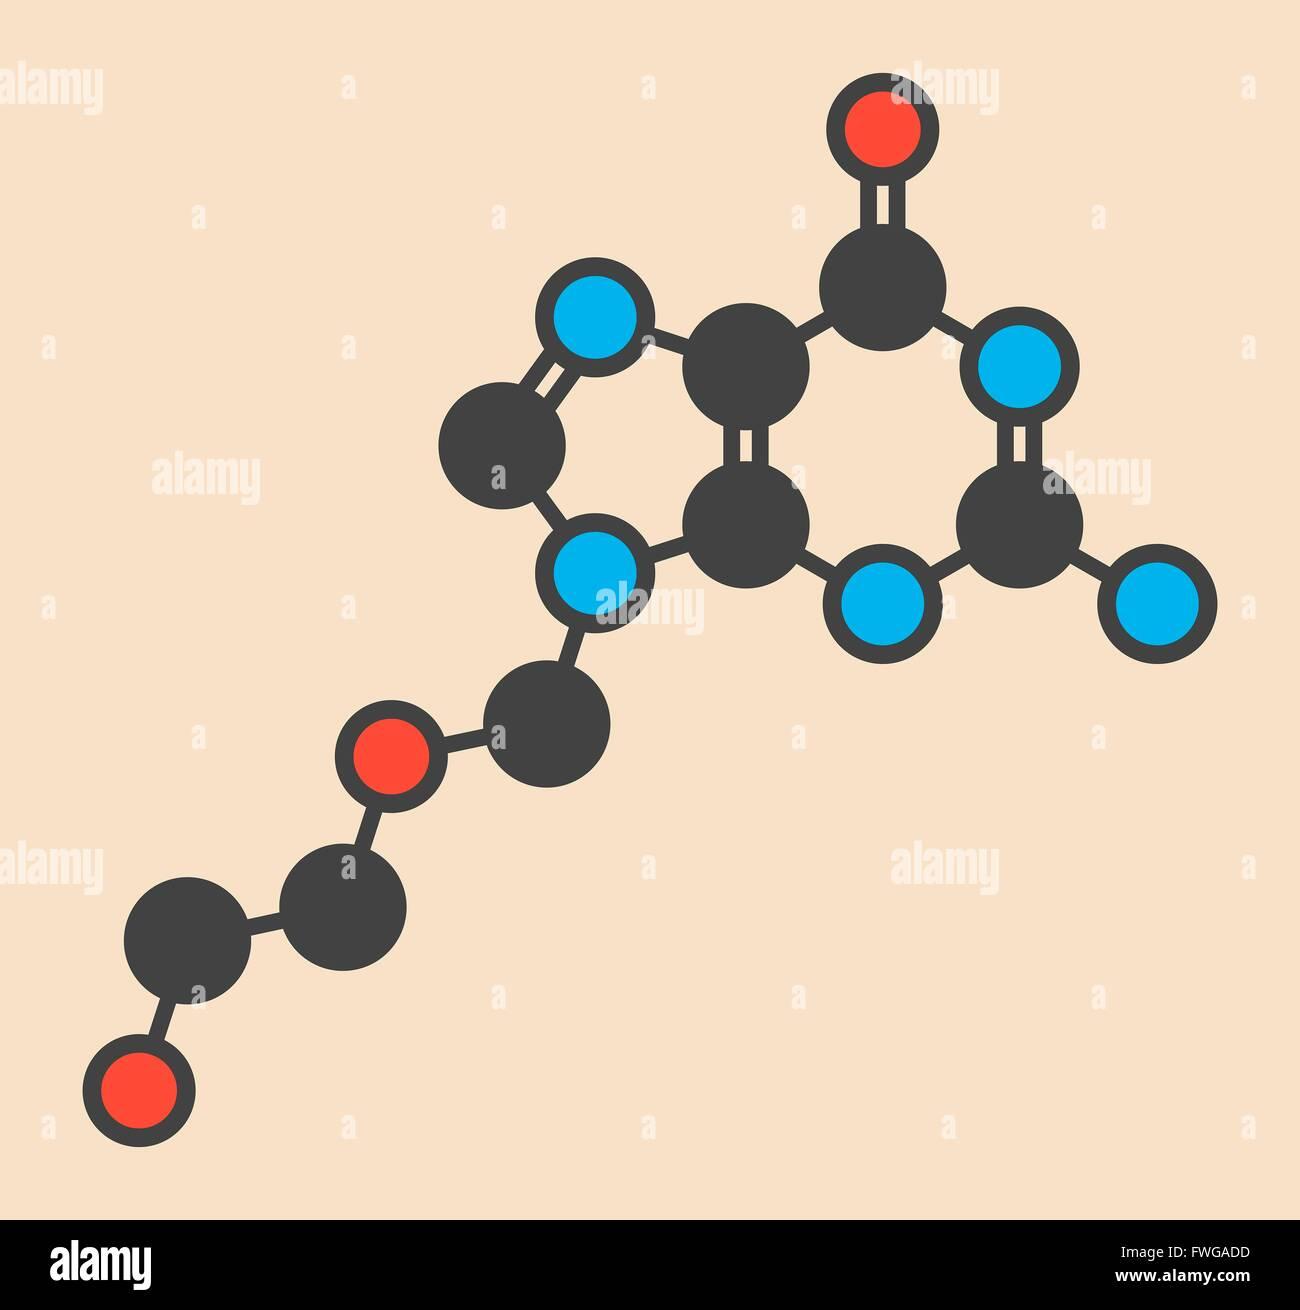 acyclovir (aciclovir) antiviral drug molecule Used in treatment of herpes simplex virus (cold sores) herpes zoster Stock Photo